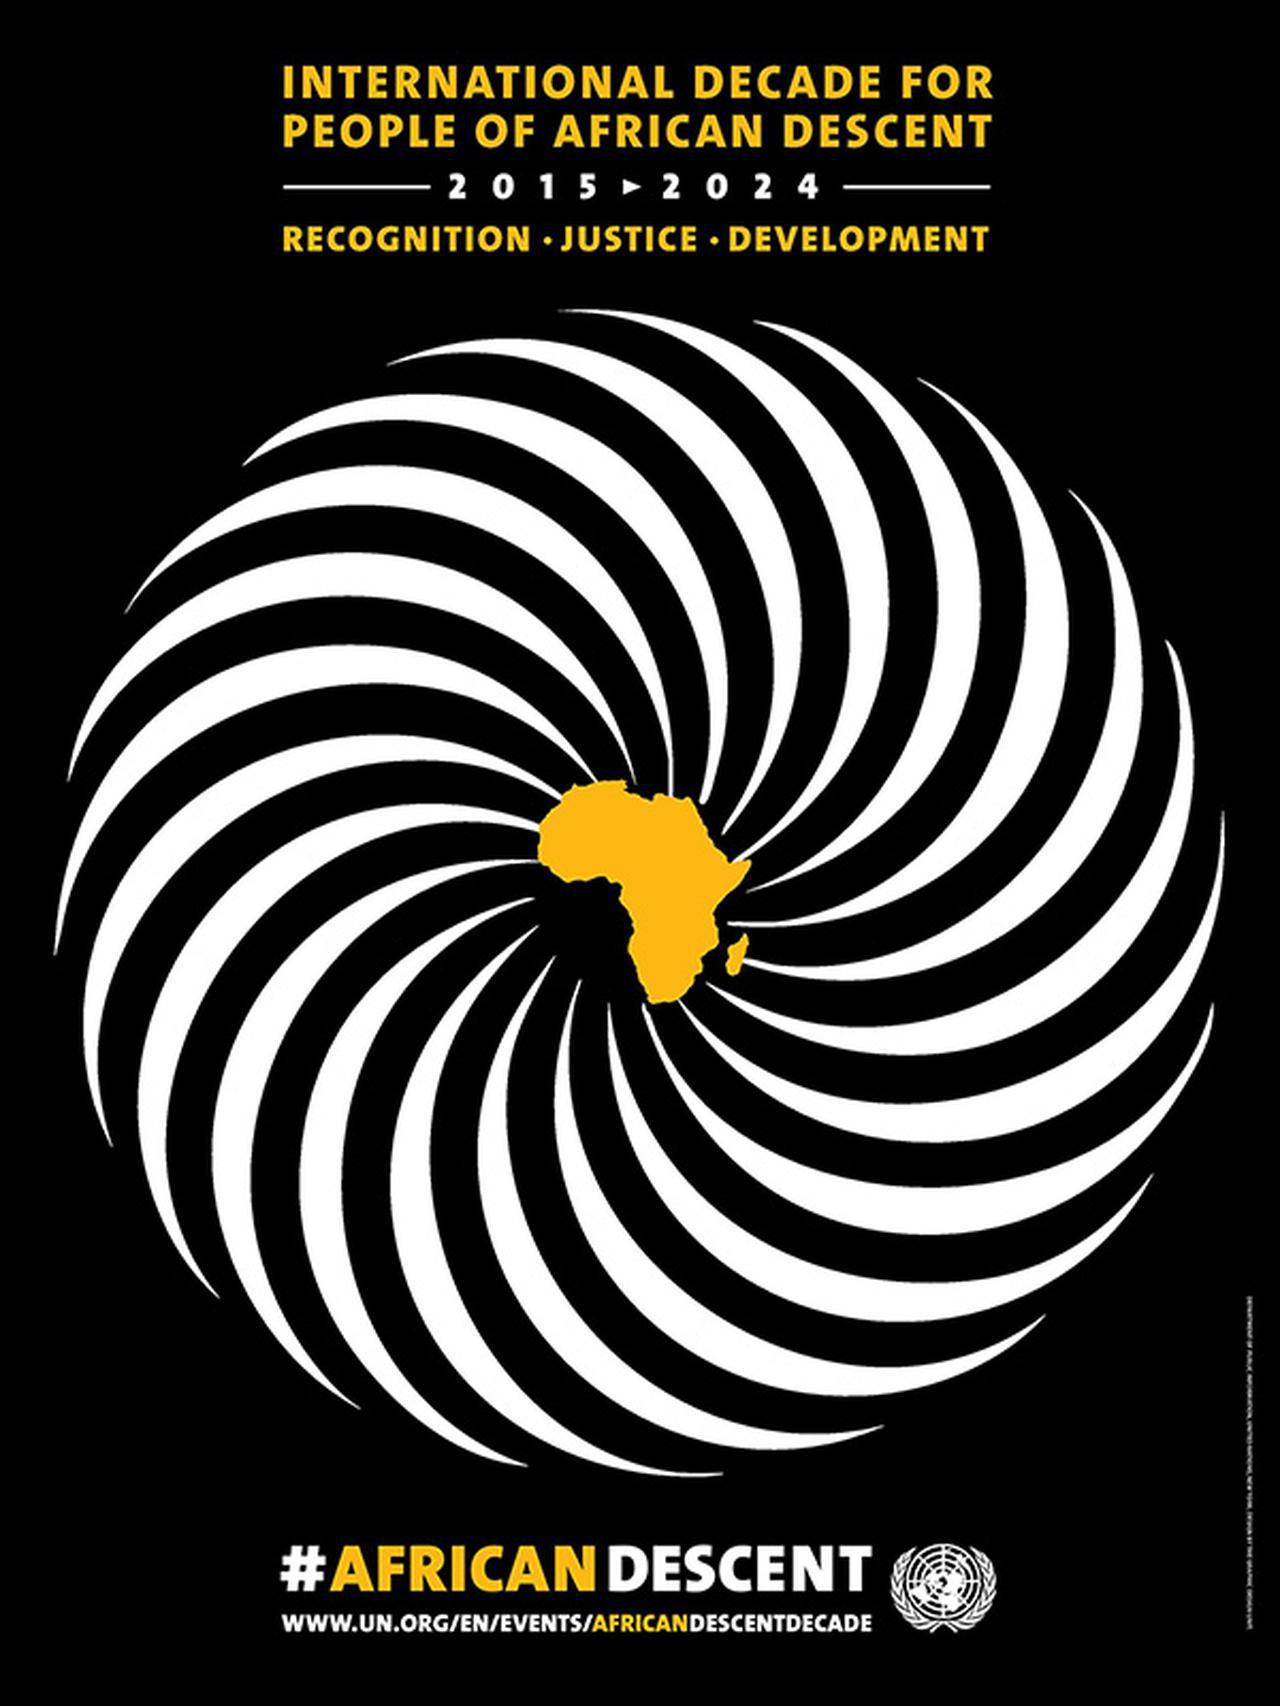 画像: 「アフリカ系の人々のための国際の10年」